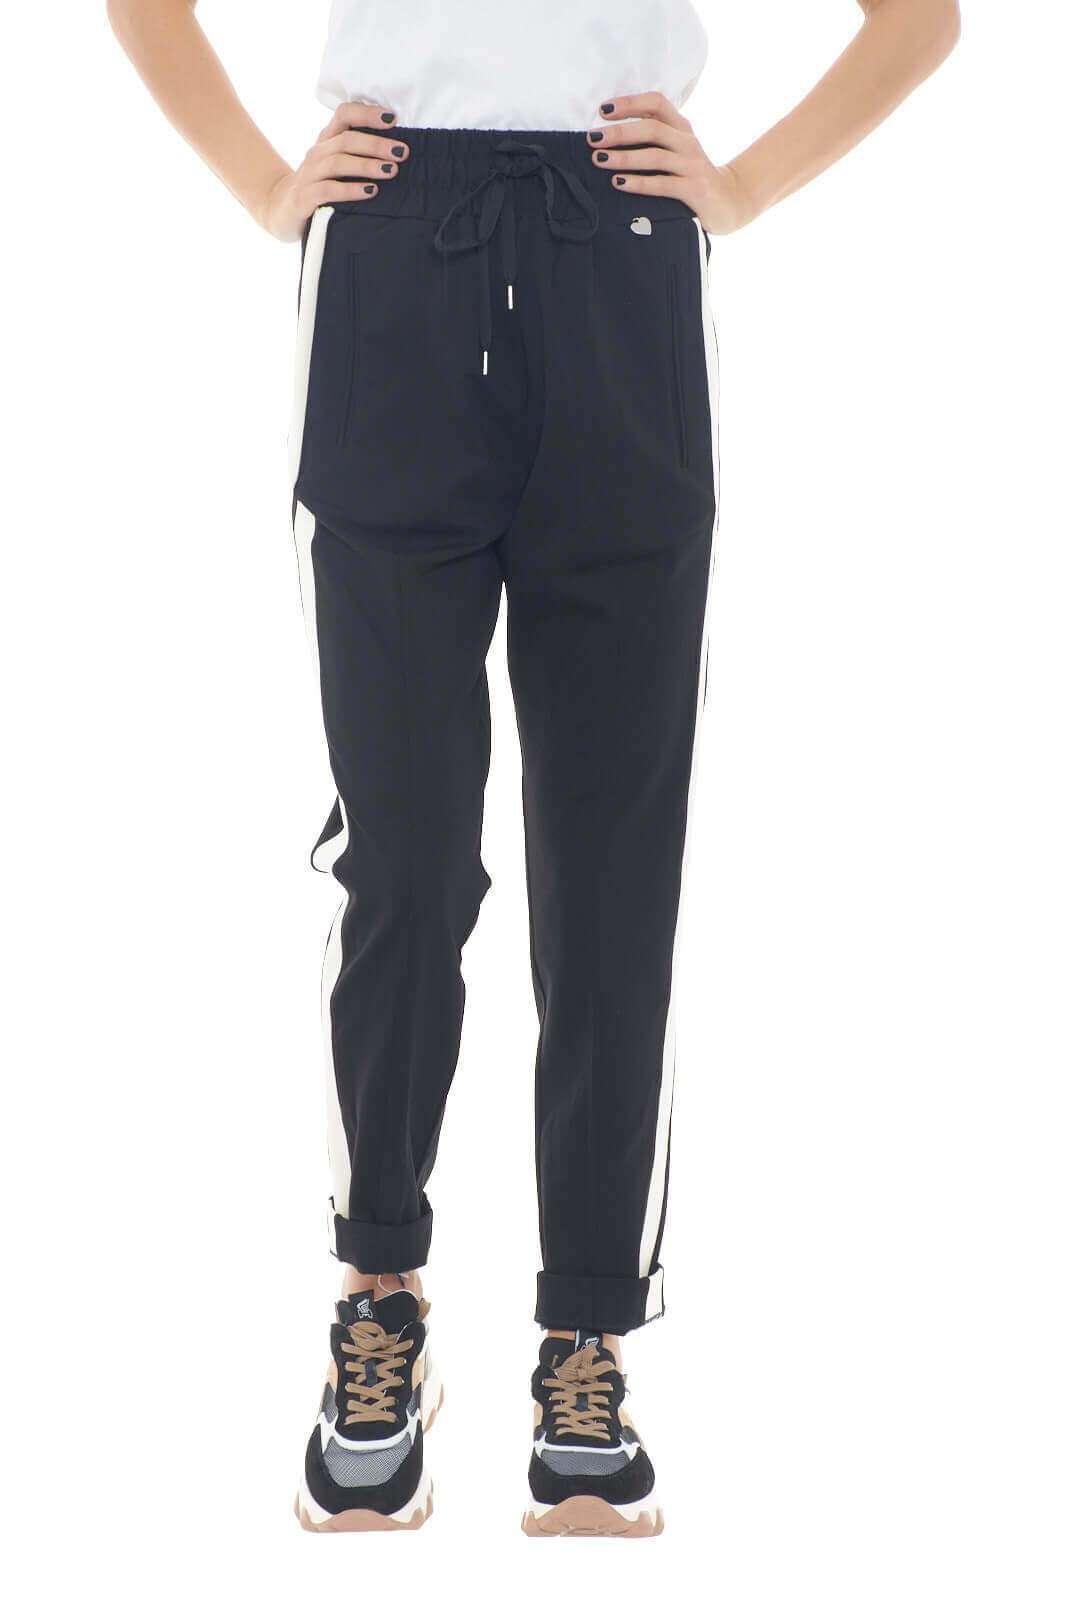 Sportivo e accattivante il pantalone proposto dalla nuova collezione Twinset Milano. caratterizzato dalla fascia elastica in vita e dalle bande laterali, è un vero e proprio essential. Un capo sportweare indicato da abbinare sia con una sneakers che con un tacco alto, per rendere il proprio look iconico e raffinato.